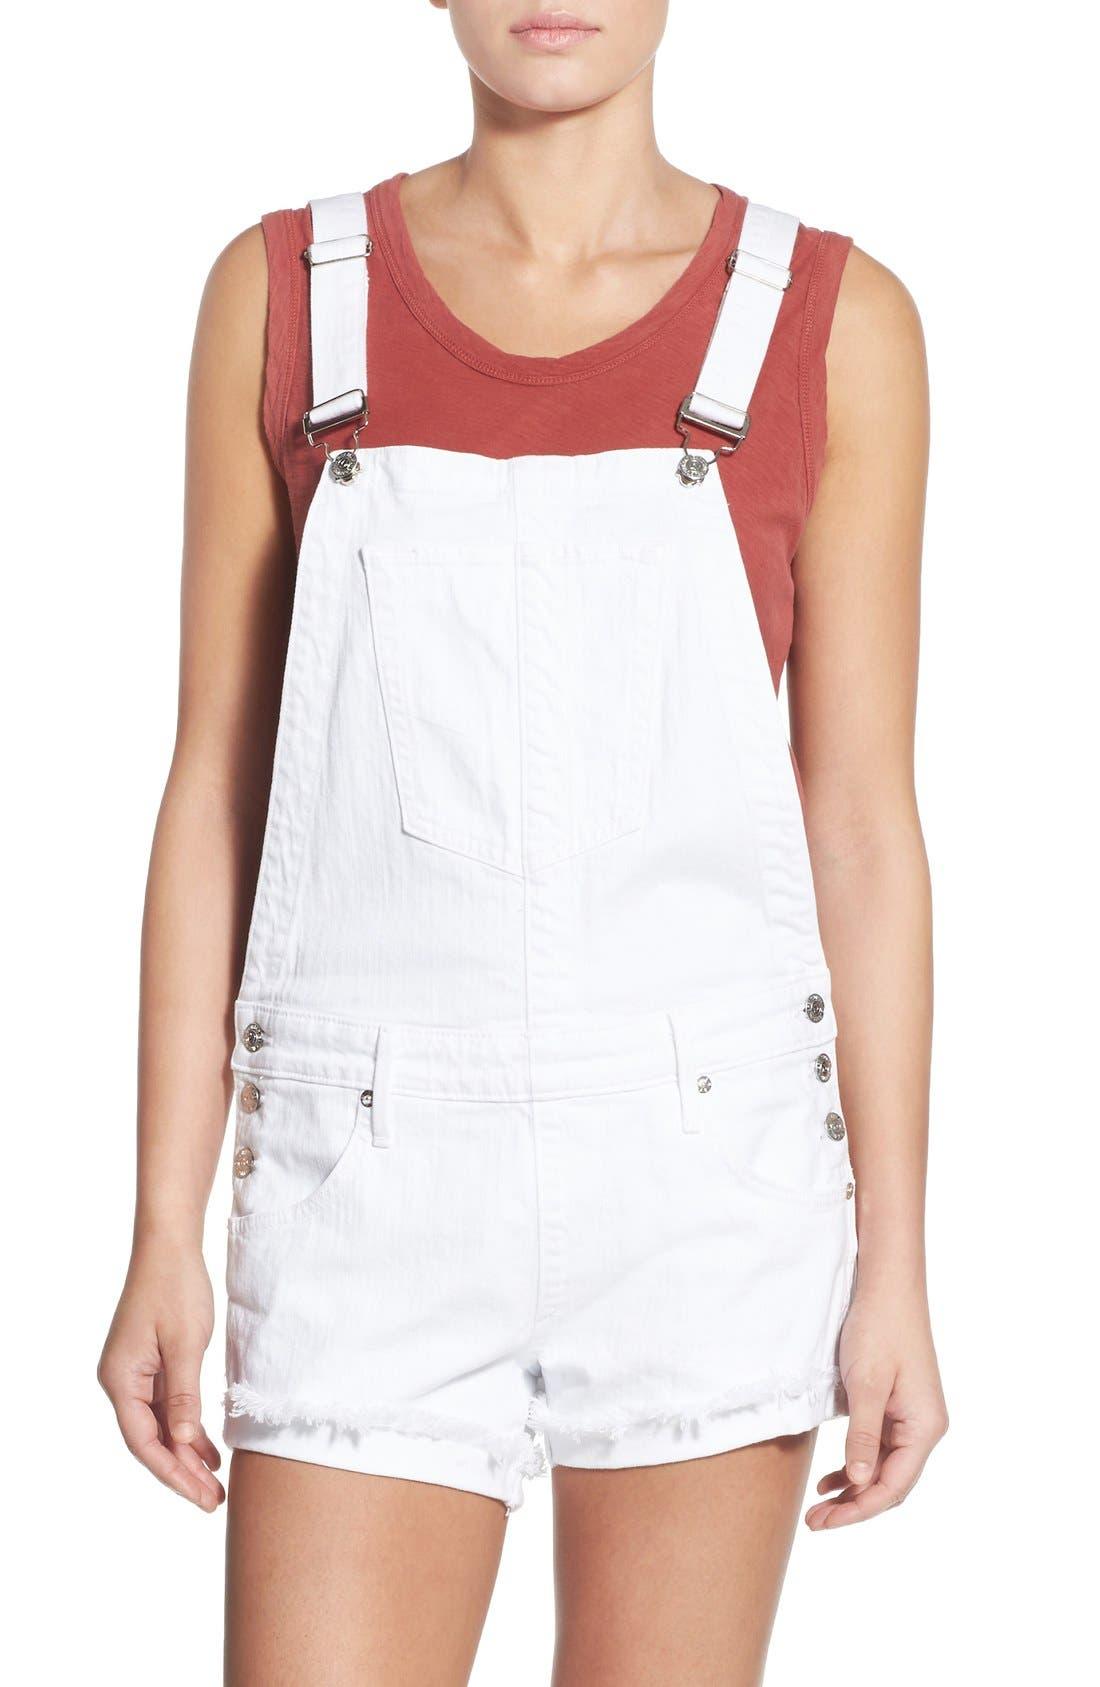 Alternate Image 1 Selected - True Religion Brand Jeans Denim Short Overalls (Optic White)